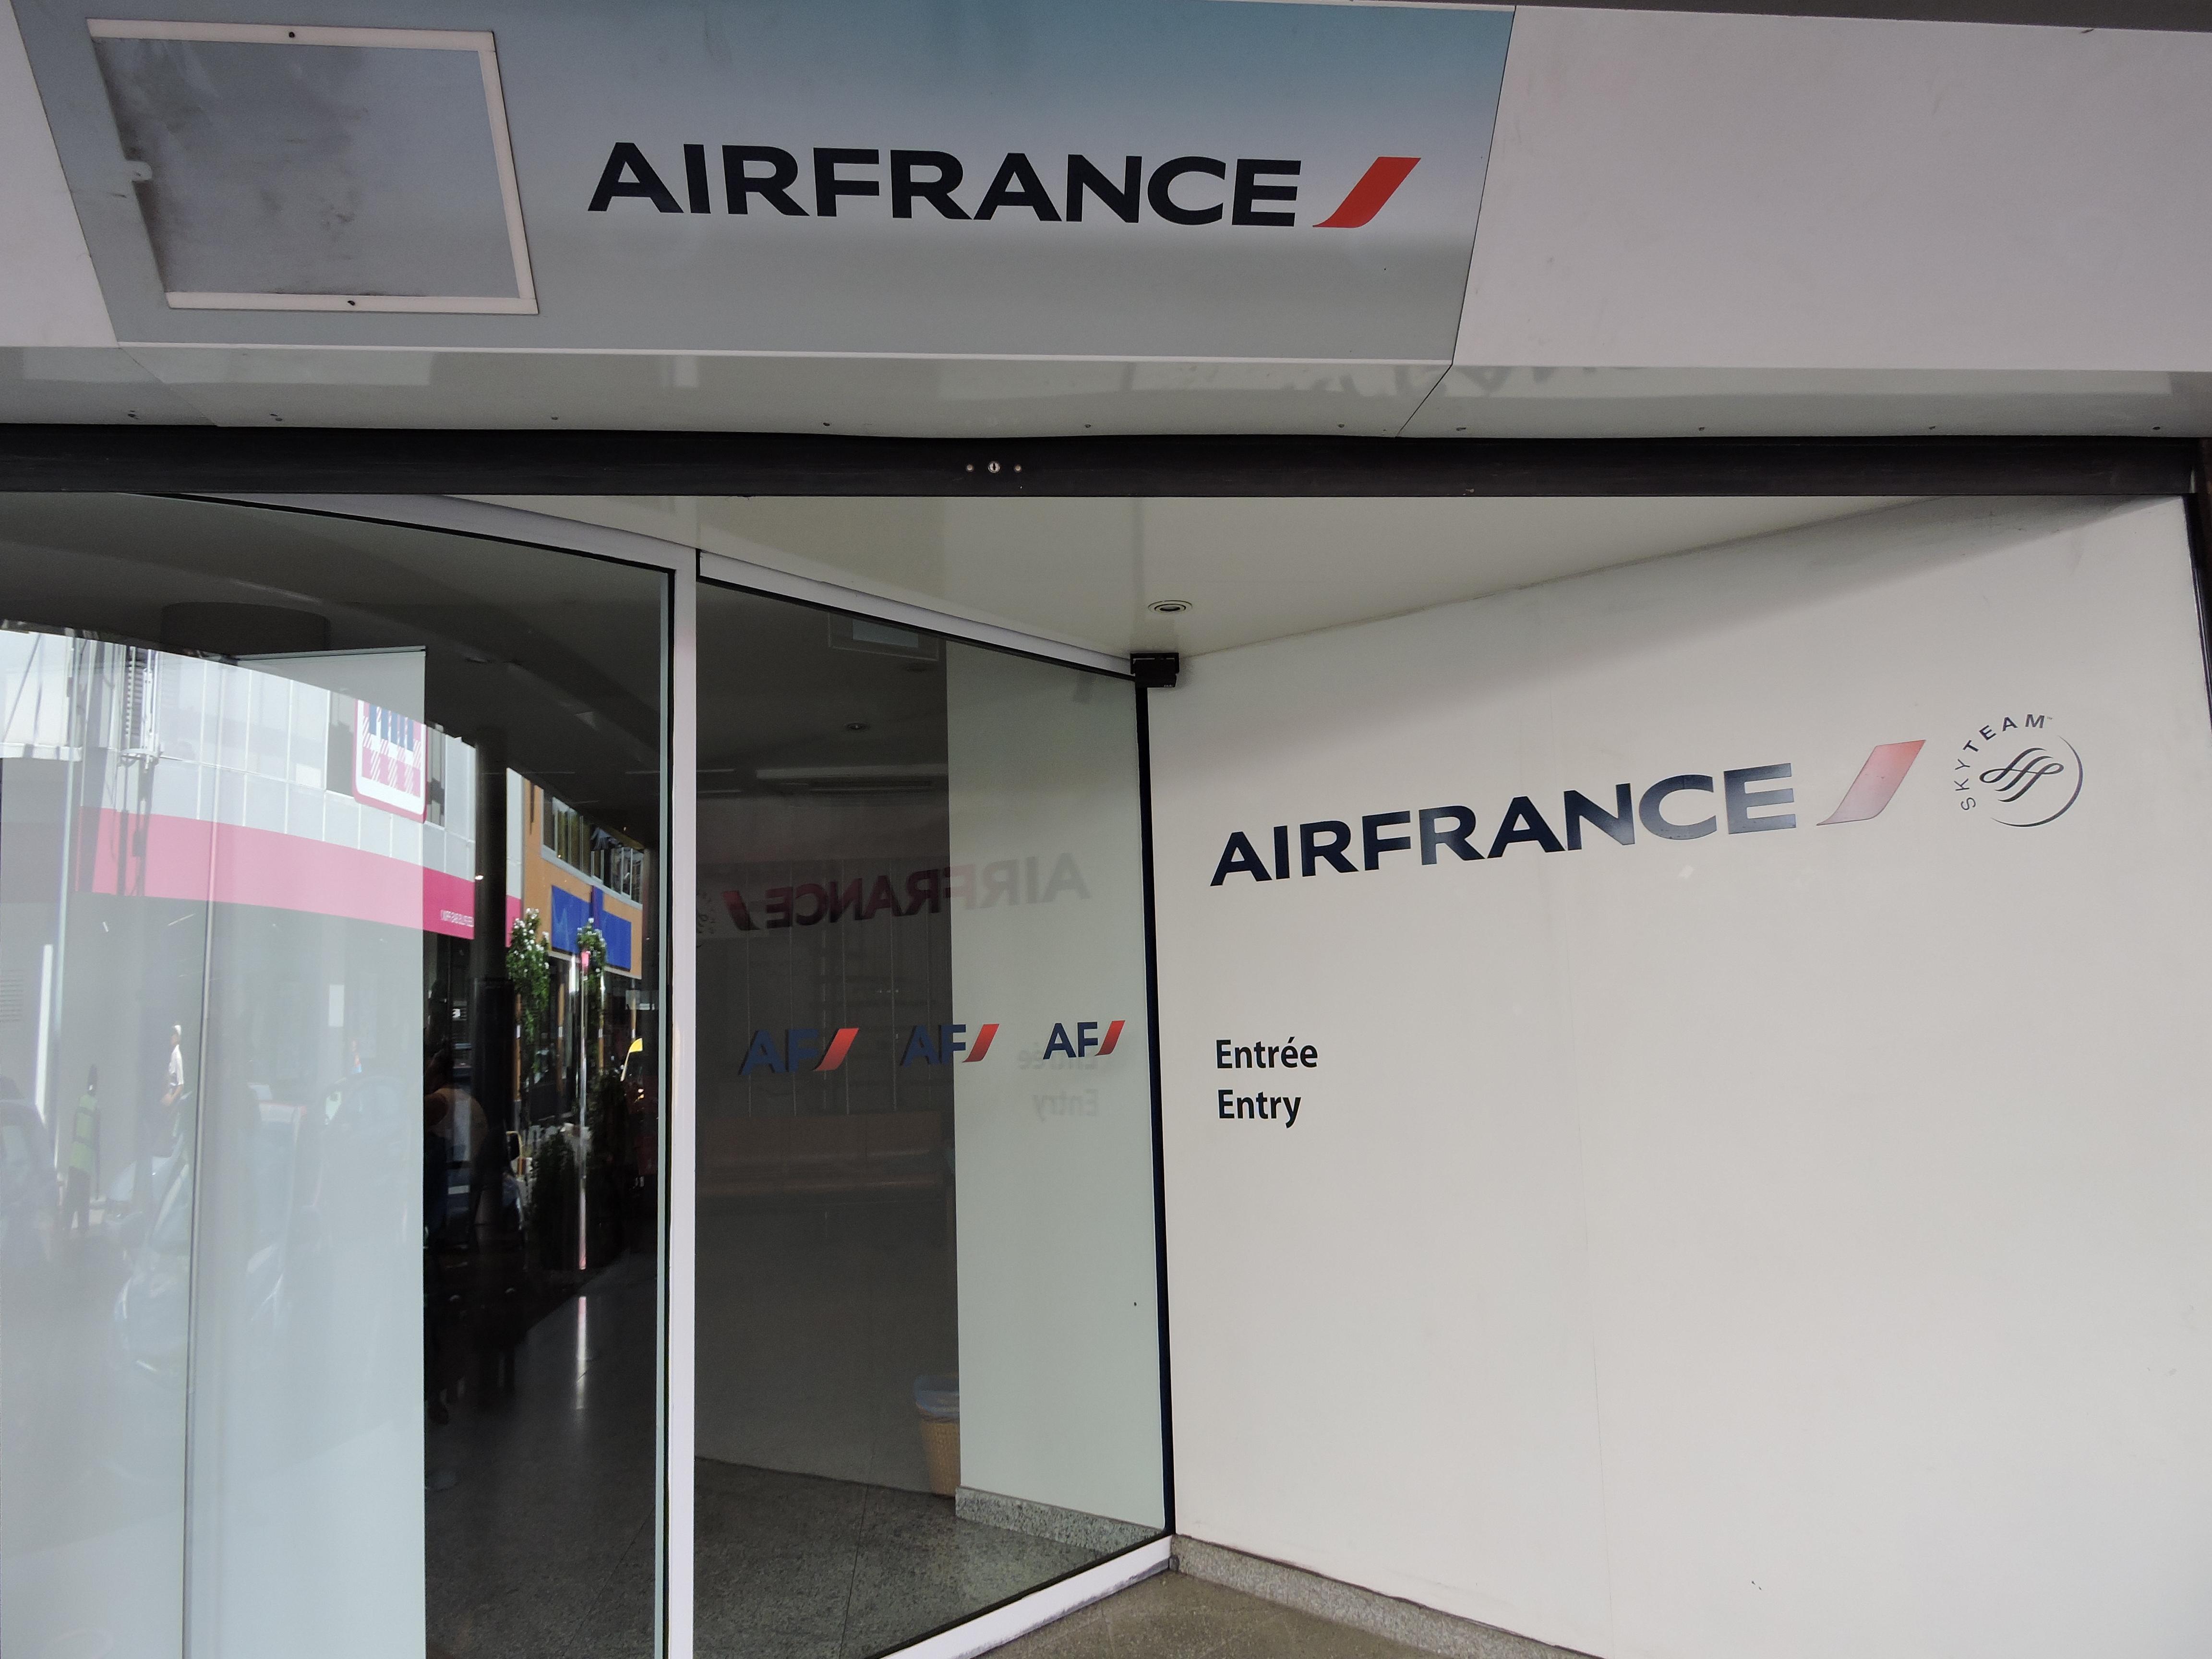 Pour plus d'informations, les passagers peuvent contacter Air France au 40.47.47.47. Le service téléphonique est ouvert en journée continue jusqu'à 16h30.